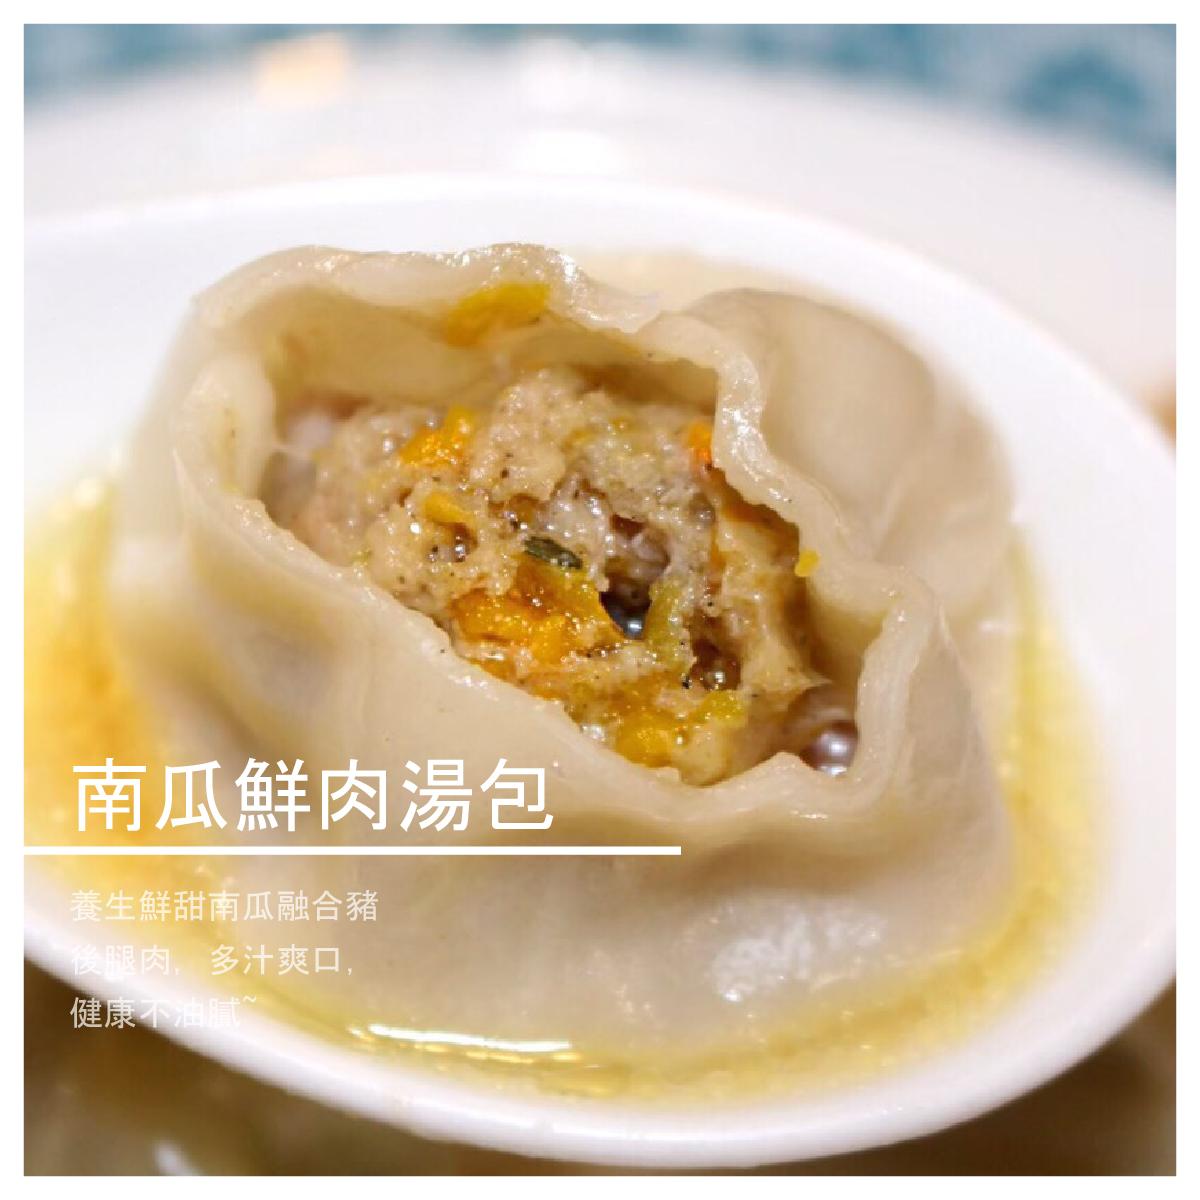 【天心坊湯包】南瓜鮮肉湯包 20顆[盒]